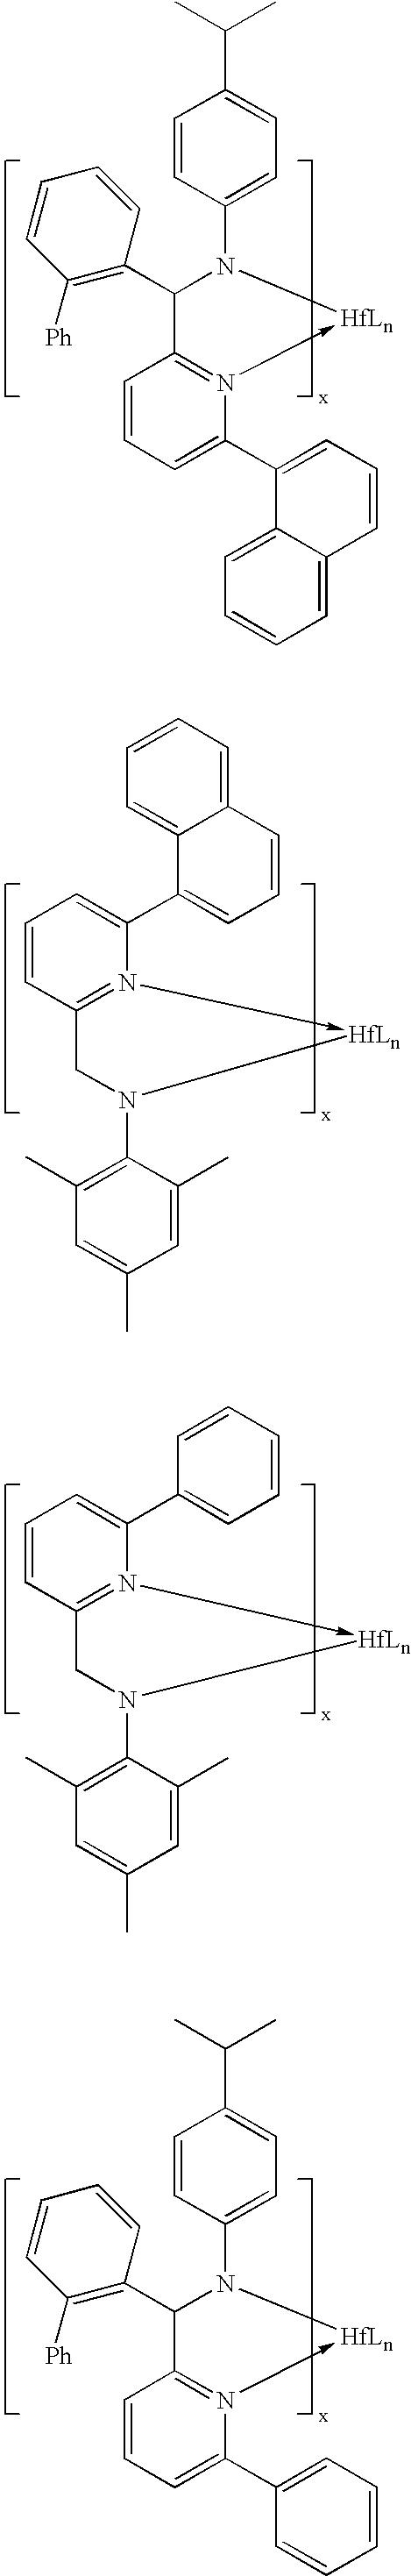 Figure US20050245686A1-20051103-C00014